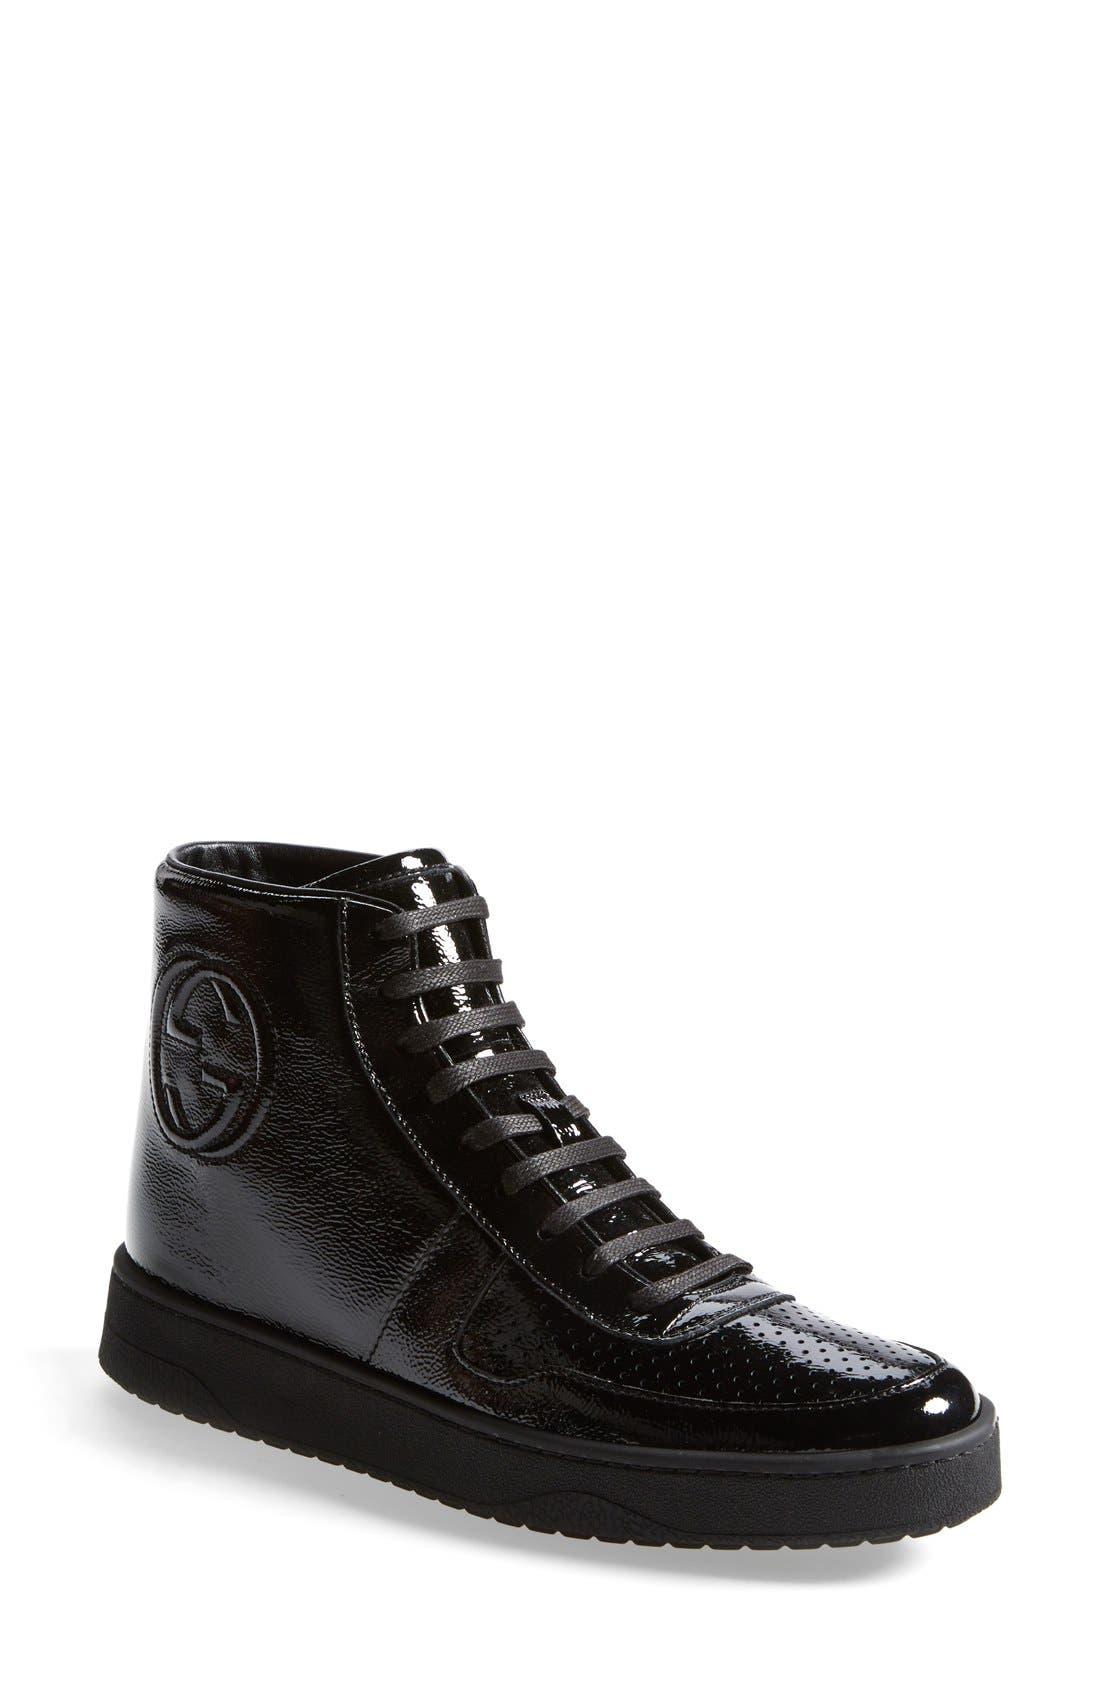 Main Image - Gucci 'Soho' High Top Sneaker (Women)